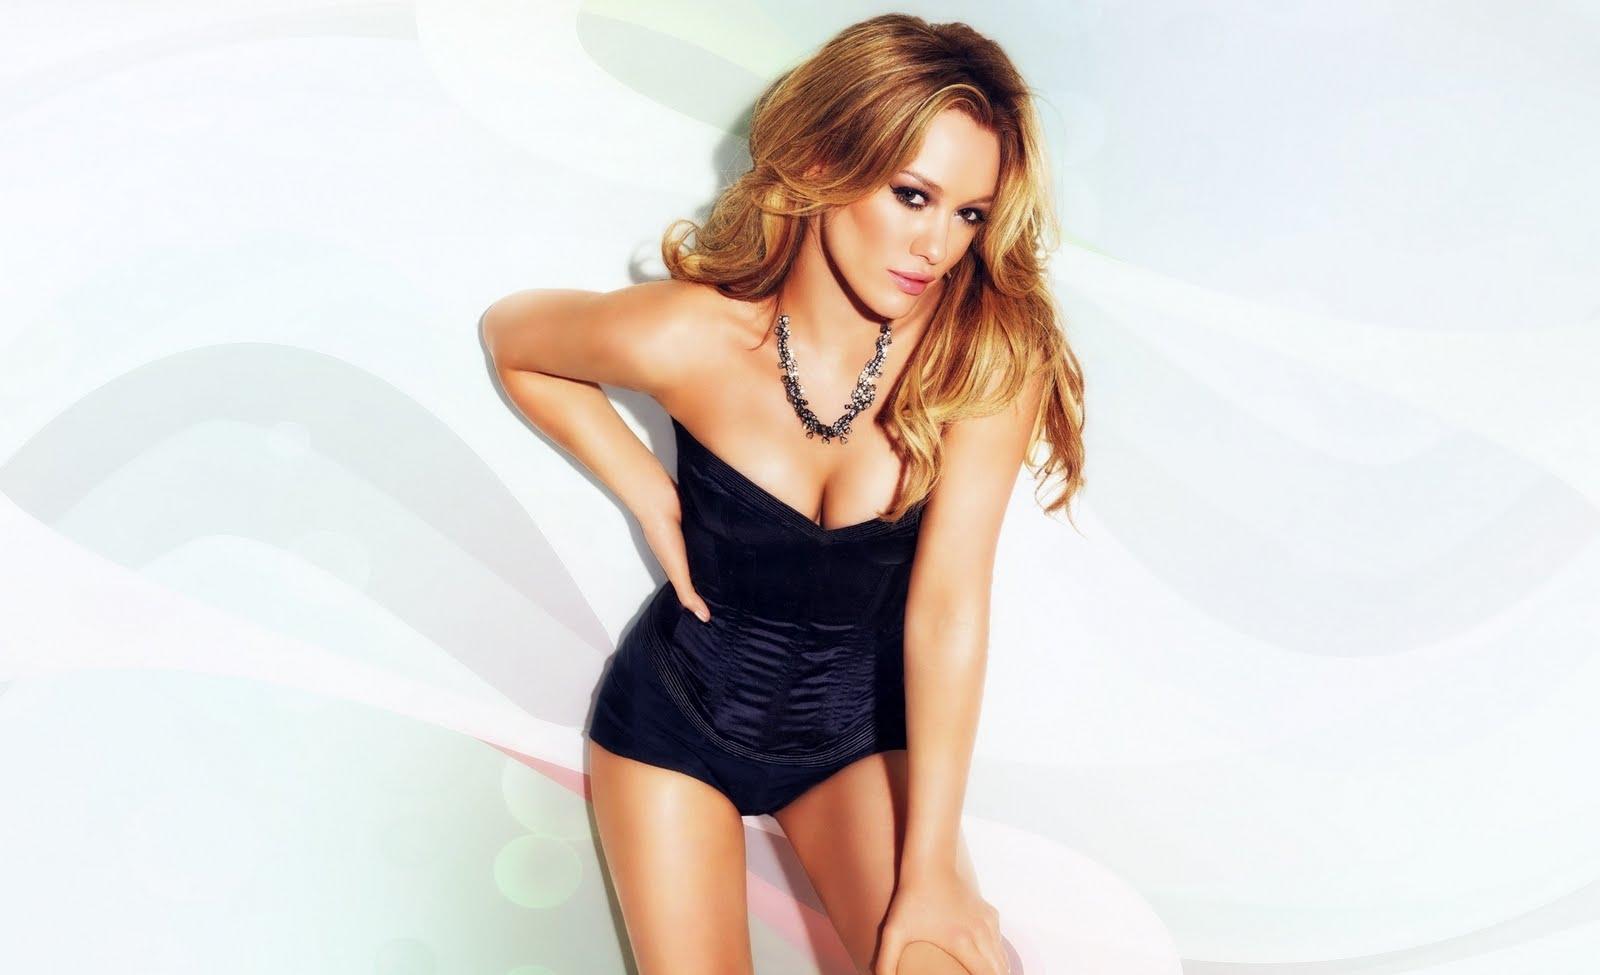 http://4.bp.blogspot.com/-6PHtPdXjgjs/TprKg1_0AUI/AAAAAAAAGJk/7CCxFUp_HQc/s1600/Hilary-Duff%2B%252838%2529.jpg